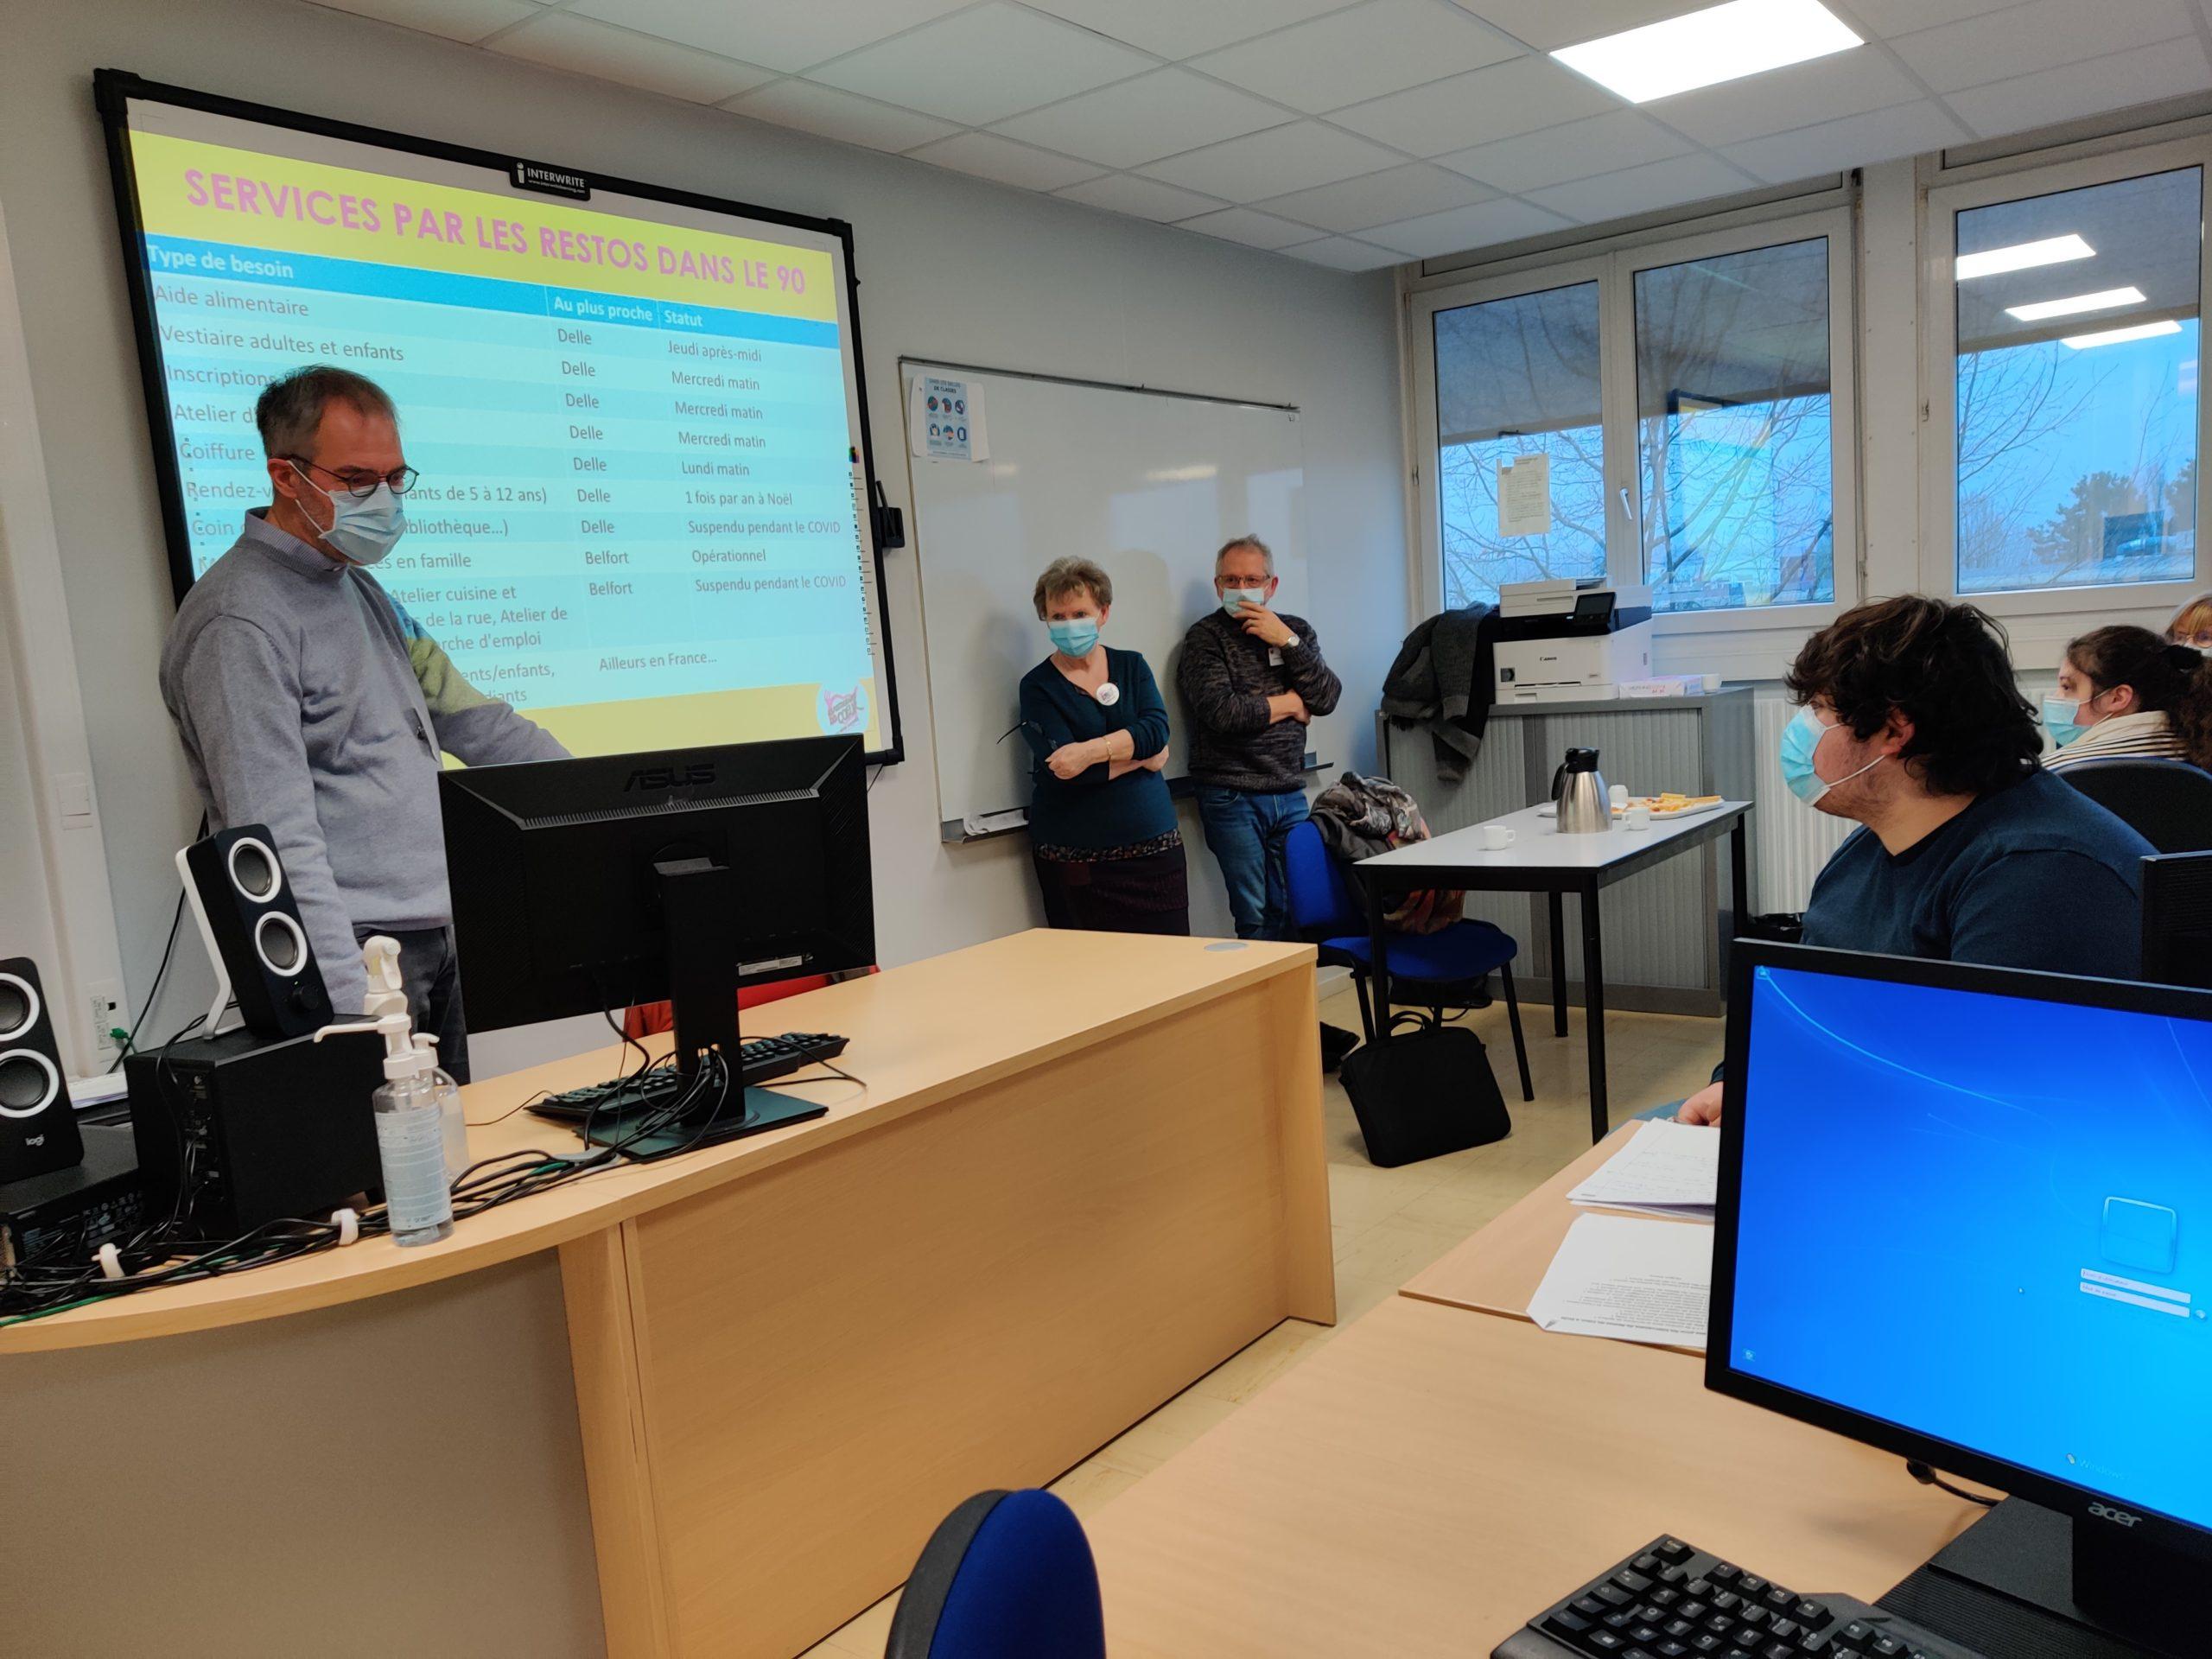 Pierre donne des cours d'informatique